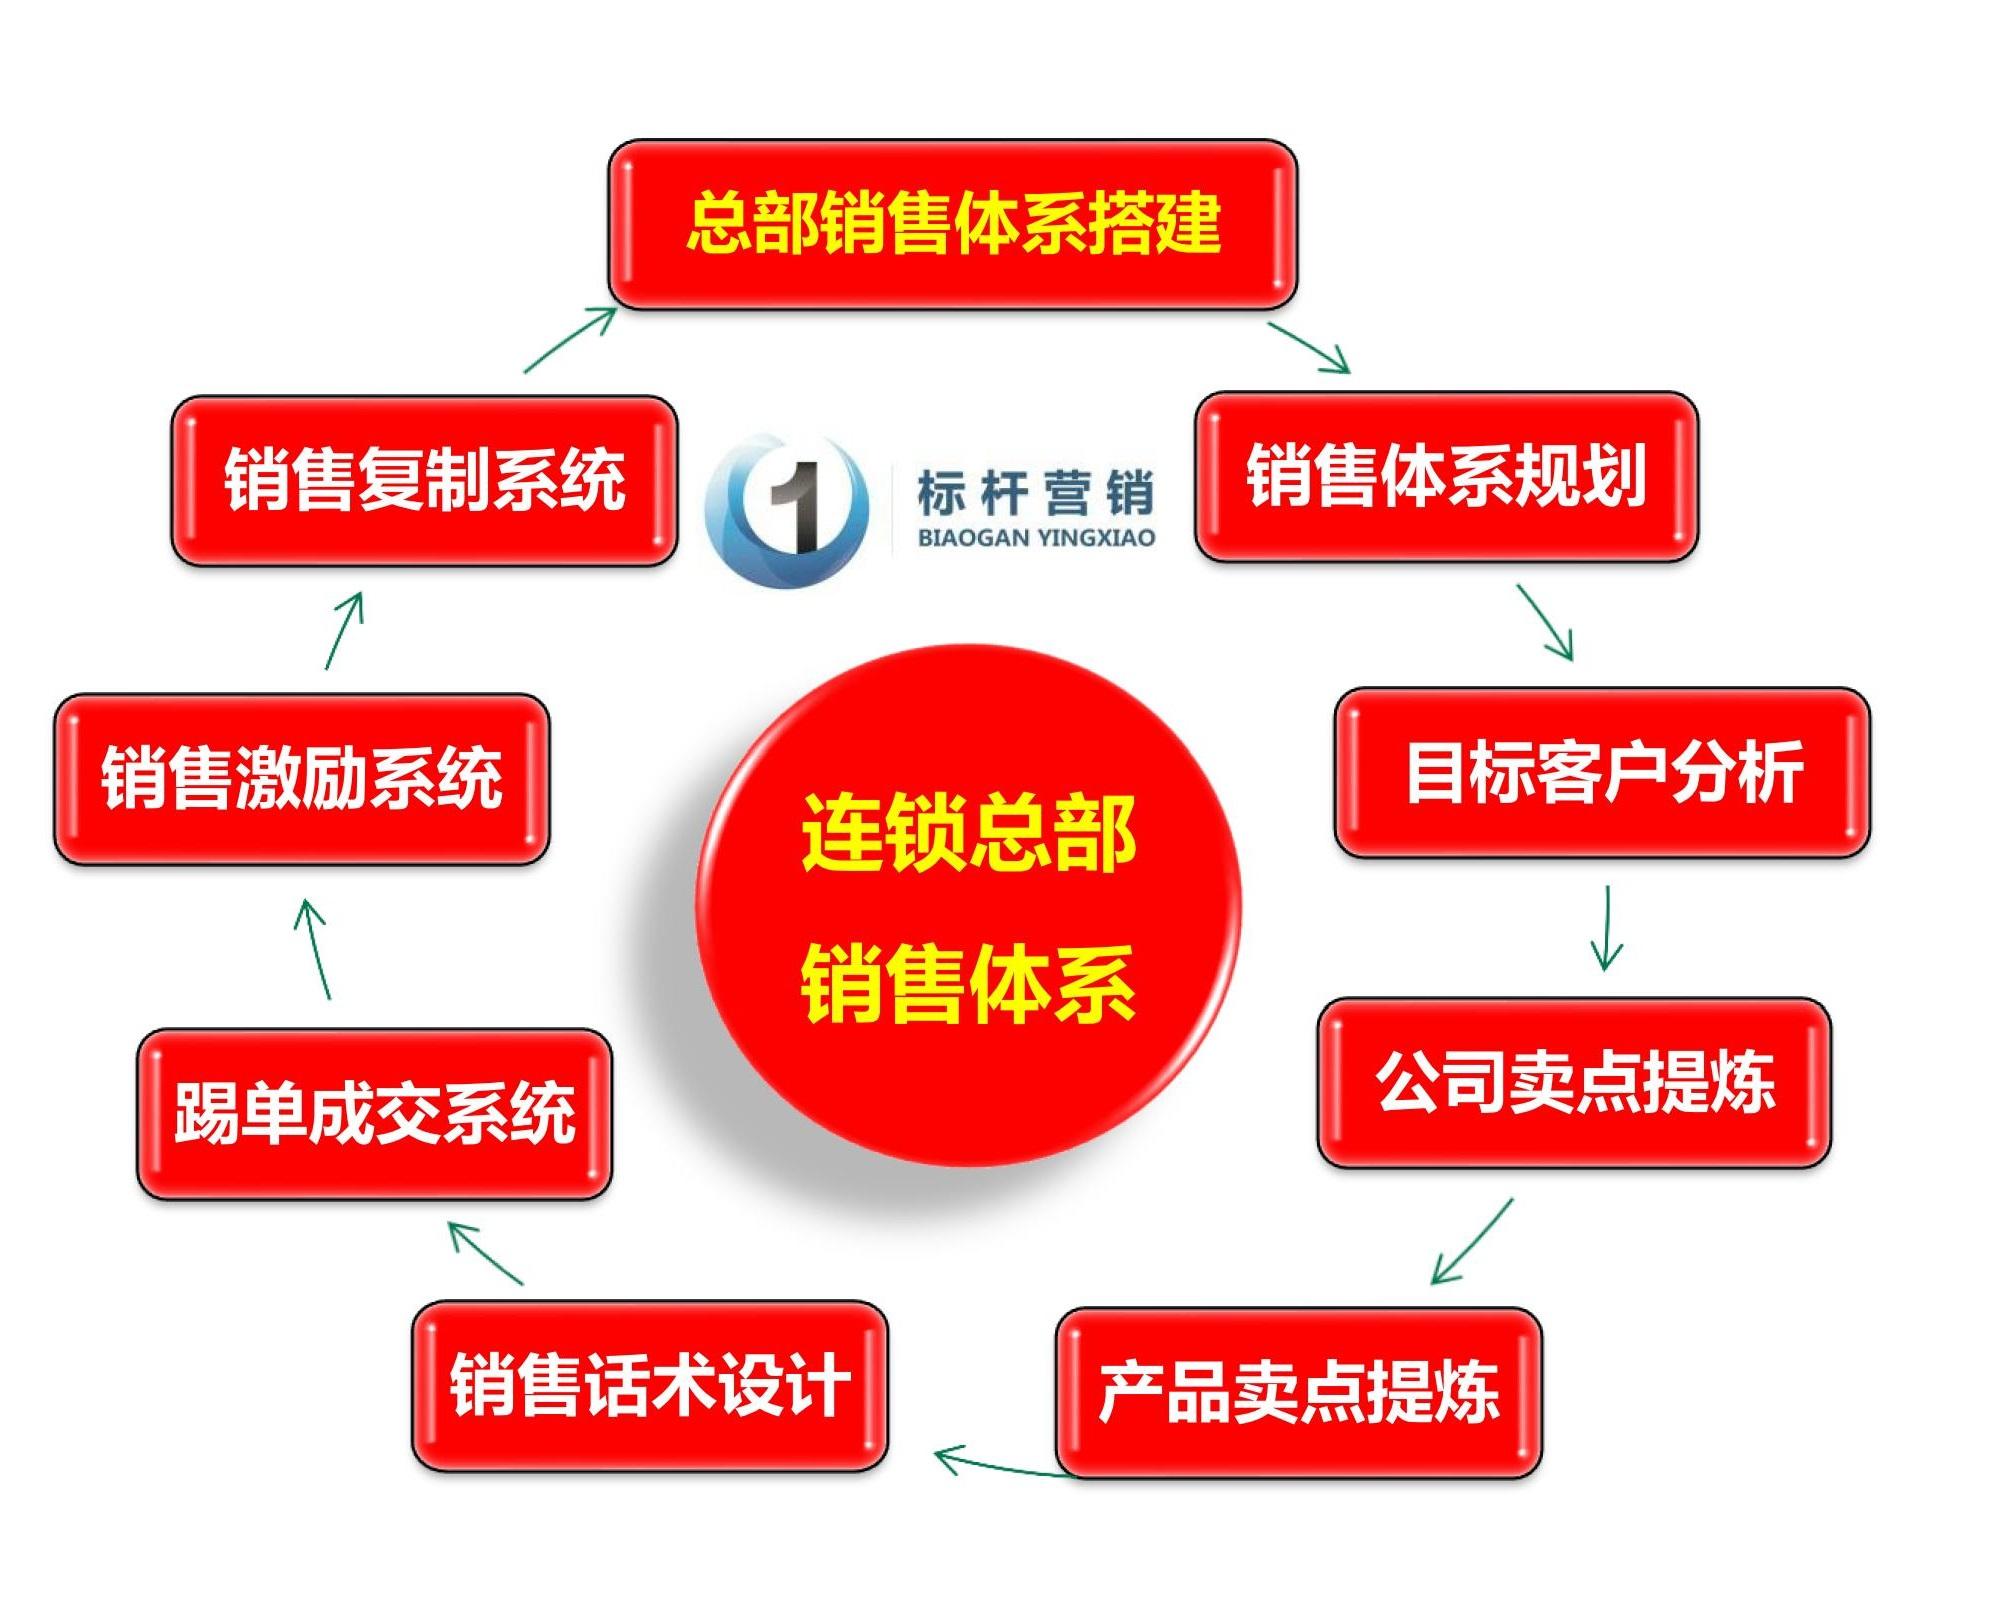 连锁总部销售体系:一套完整的销售流程复制体系方法